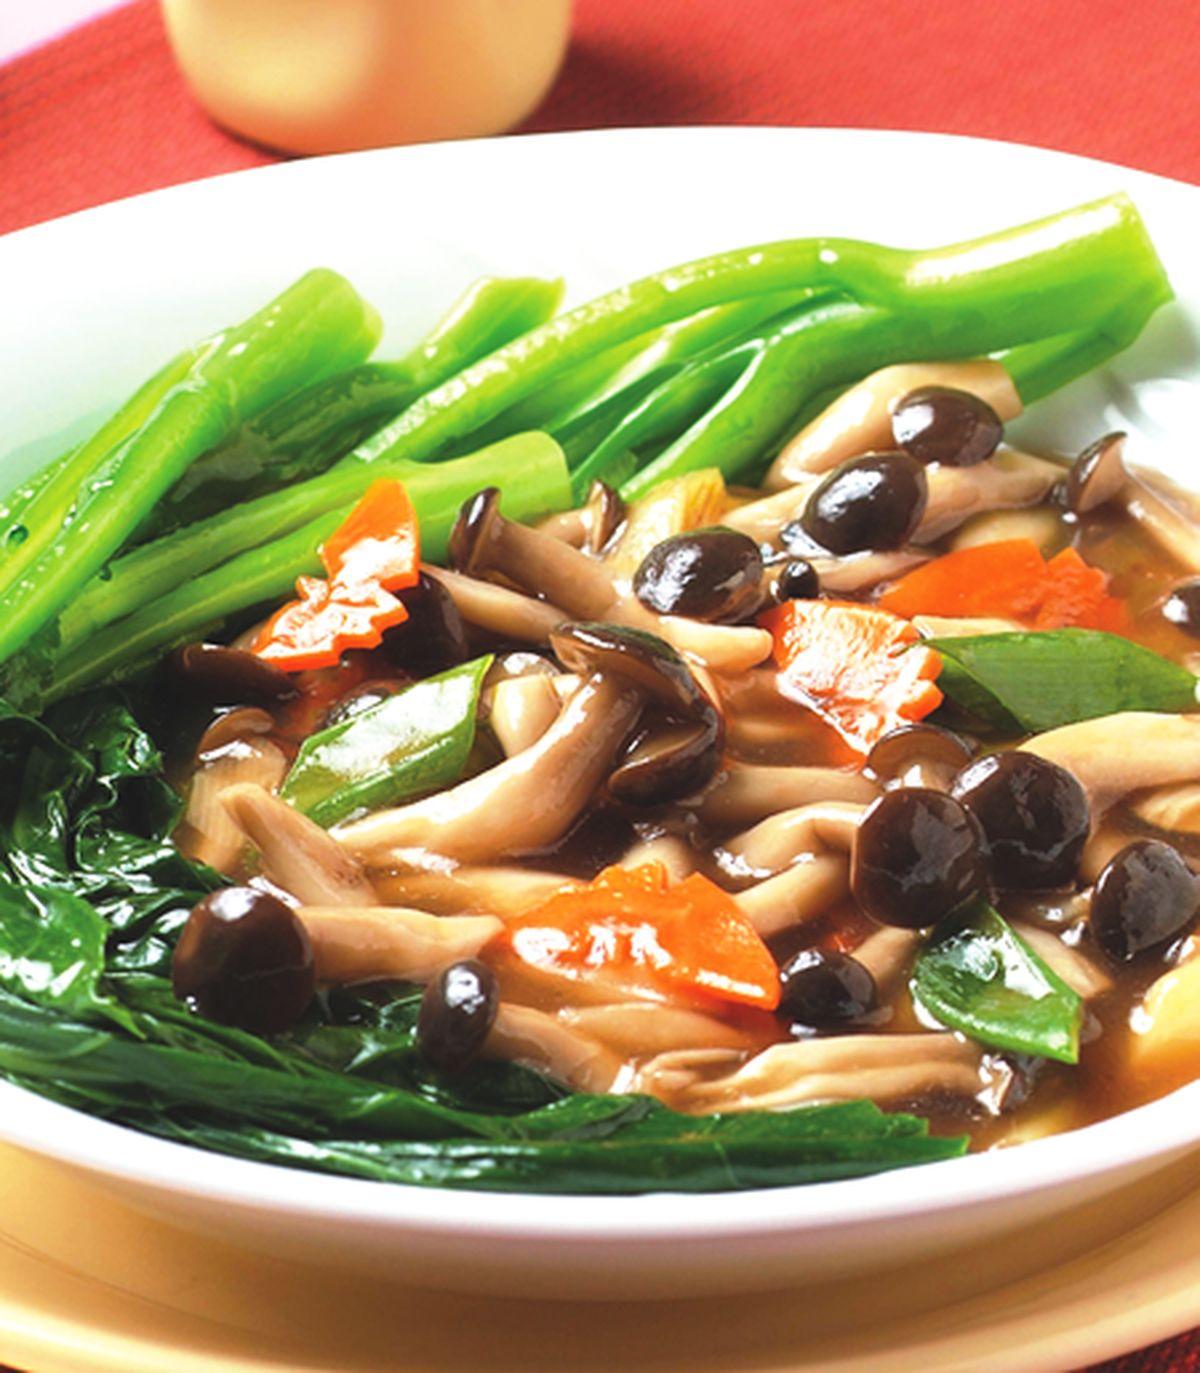 食譜:芥蘭扒鮮菇